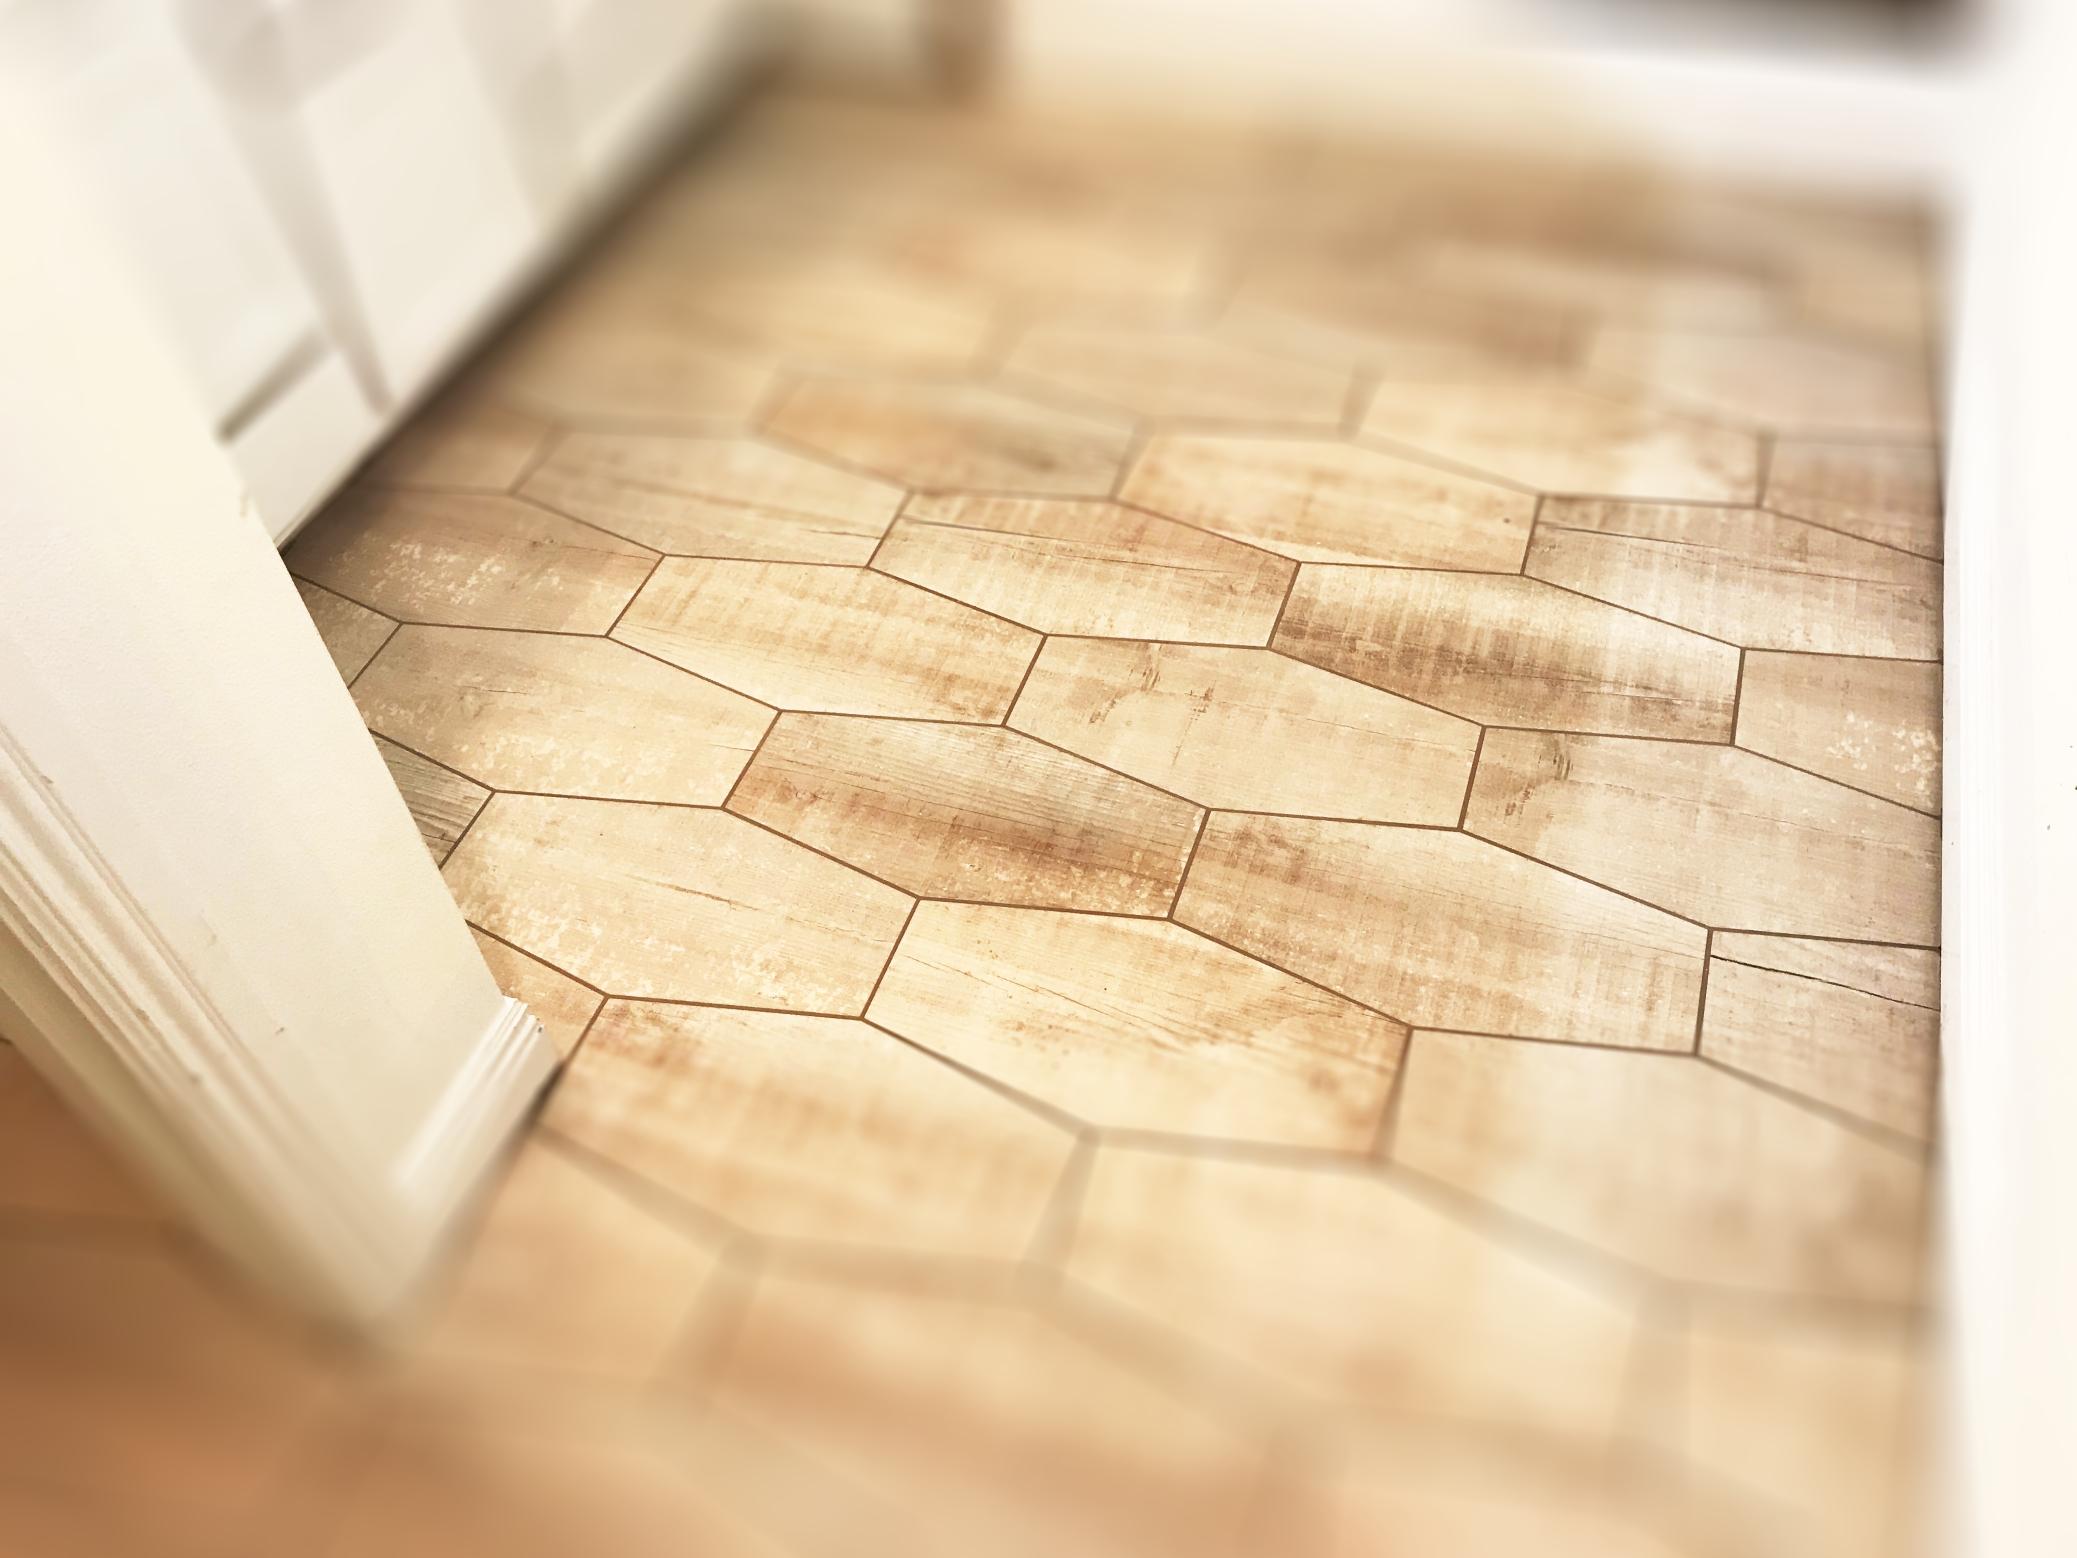 Shapped Tile Floor